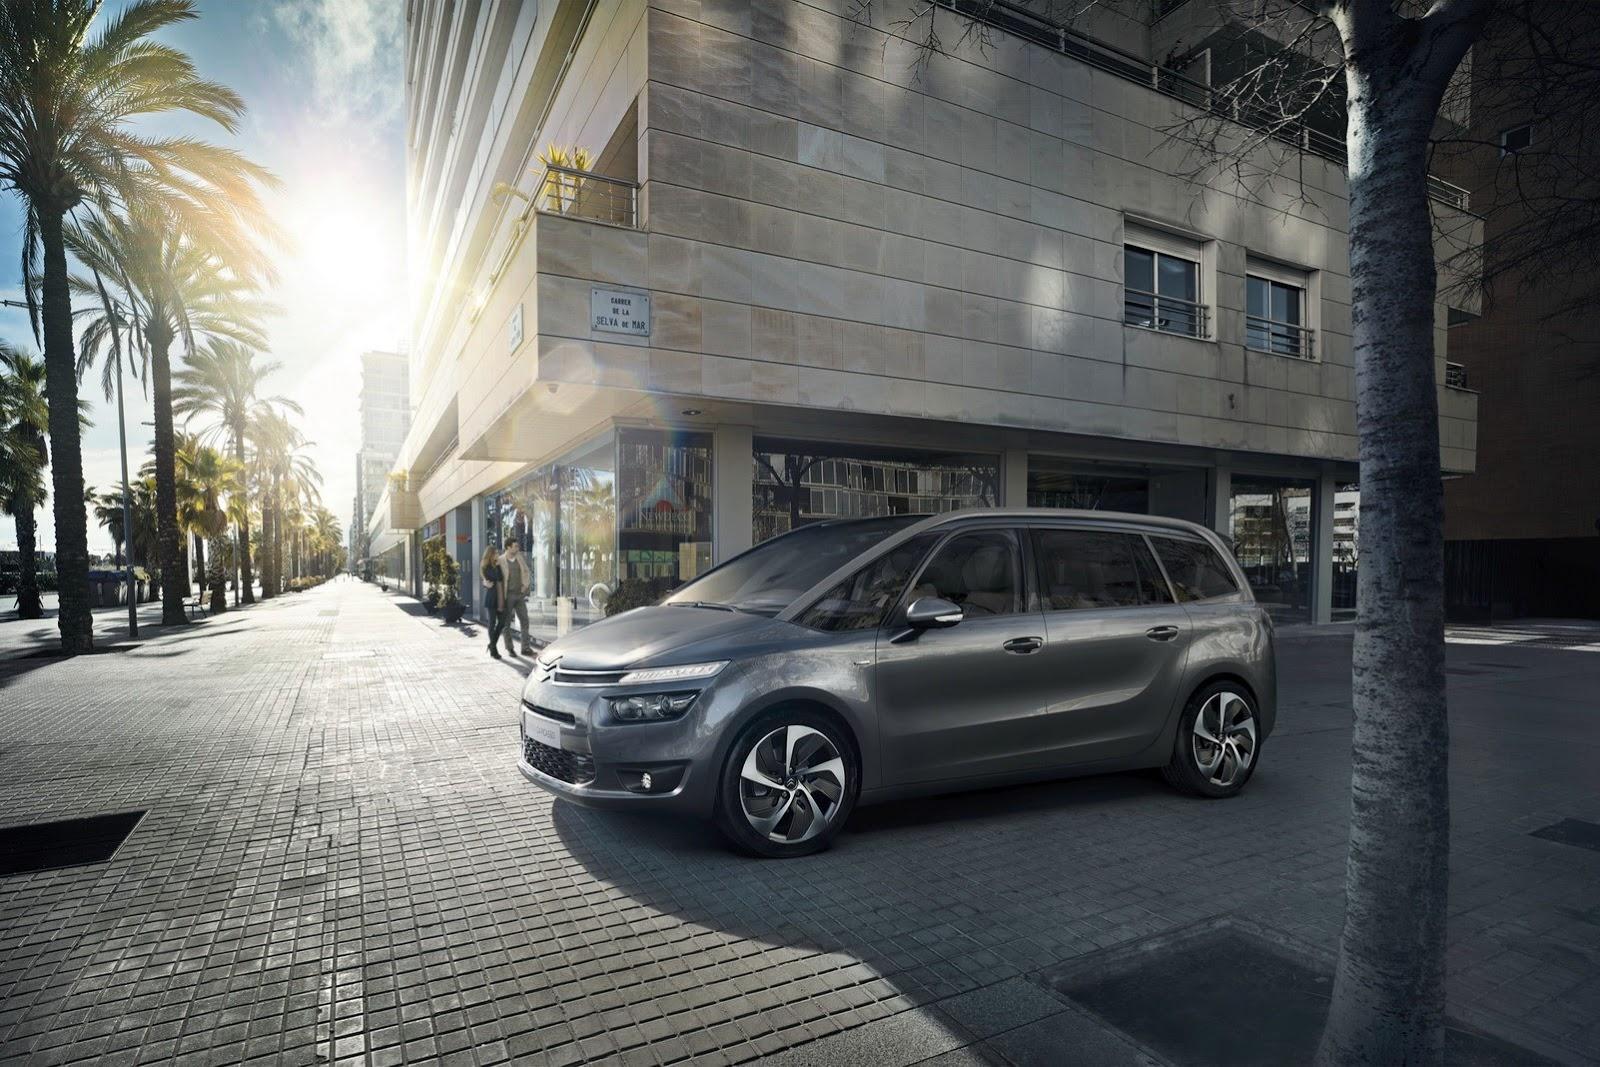 [SUJET OFFICIEL] Citroën Grand C4 Picasso II  - Page 4 Citroen-Grand-C4-Picasso-23%25255B2%25255D